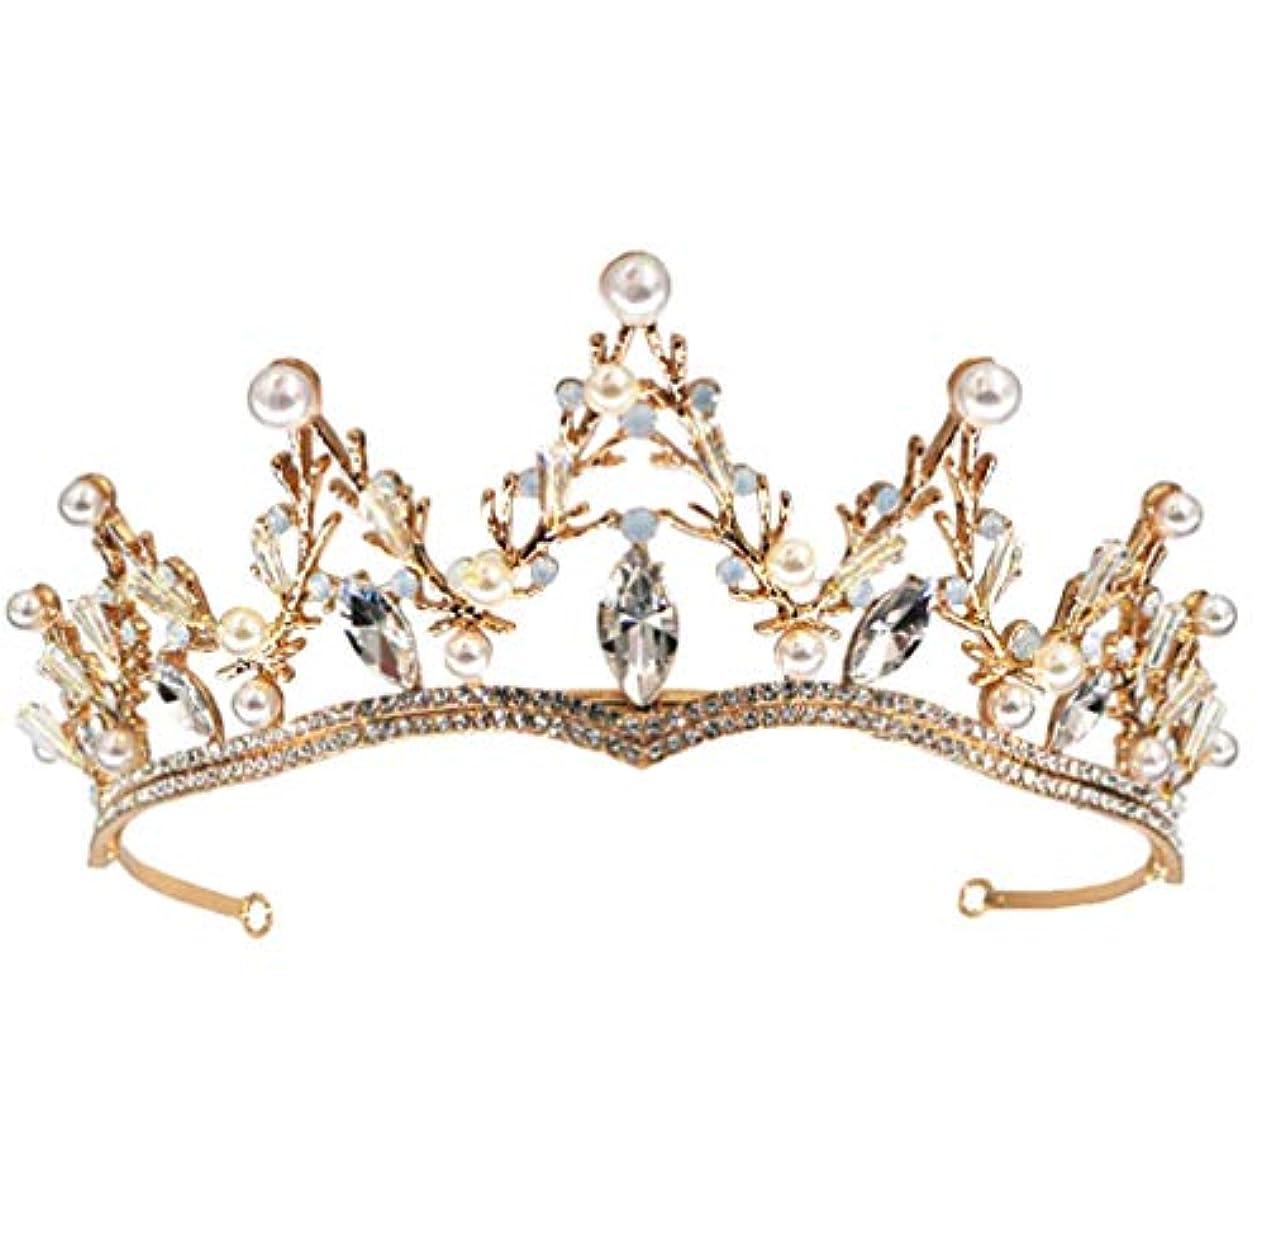 アンドリューハリディ呼ぶ連結するクリスタルクラウン、ヨーロッパとアメリカの豪華なラインストーンバロックゴールド高品質合金王女の誕生日パーティーヘッドバンド